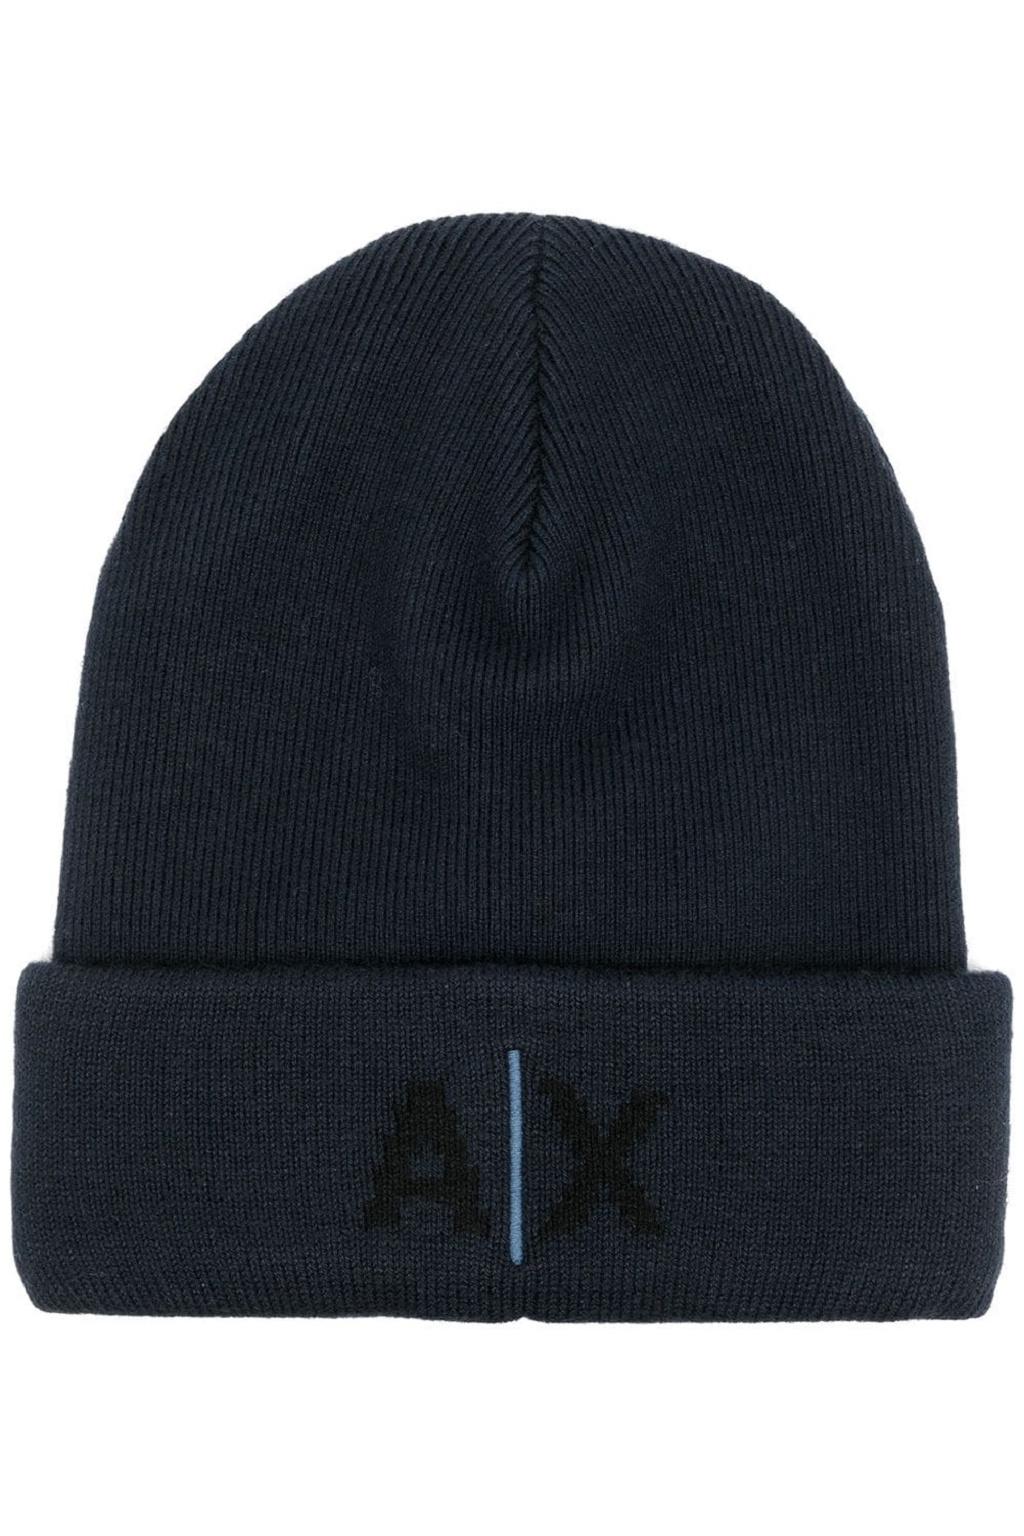 Pánská čepice Armani Exchange 954665 1A302 modrá t